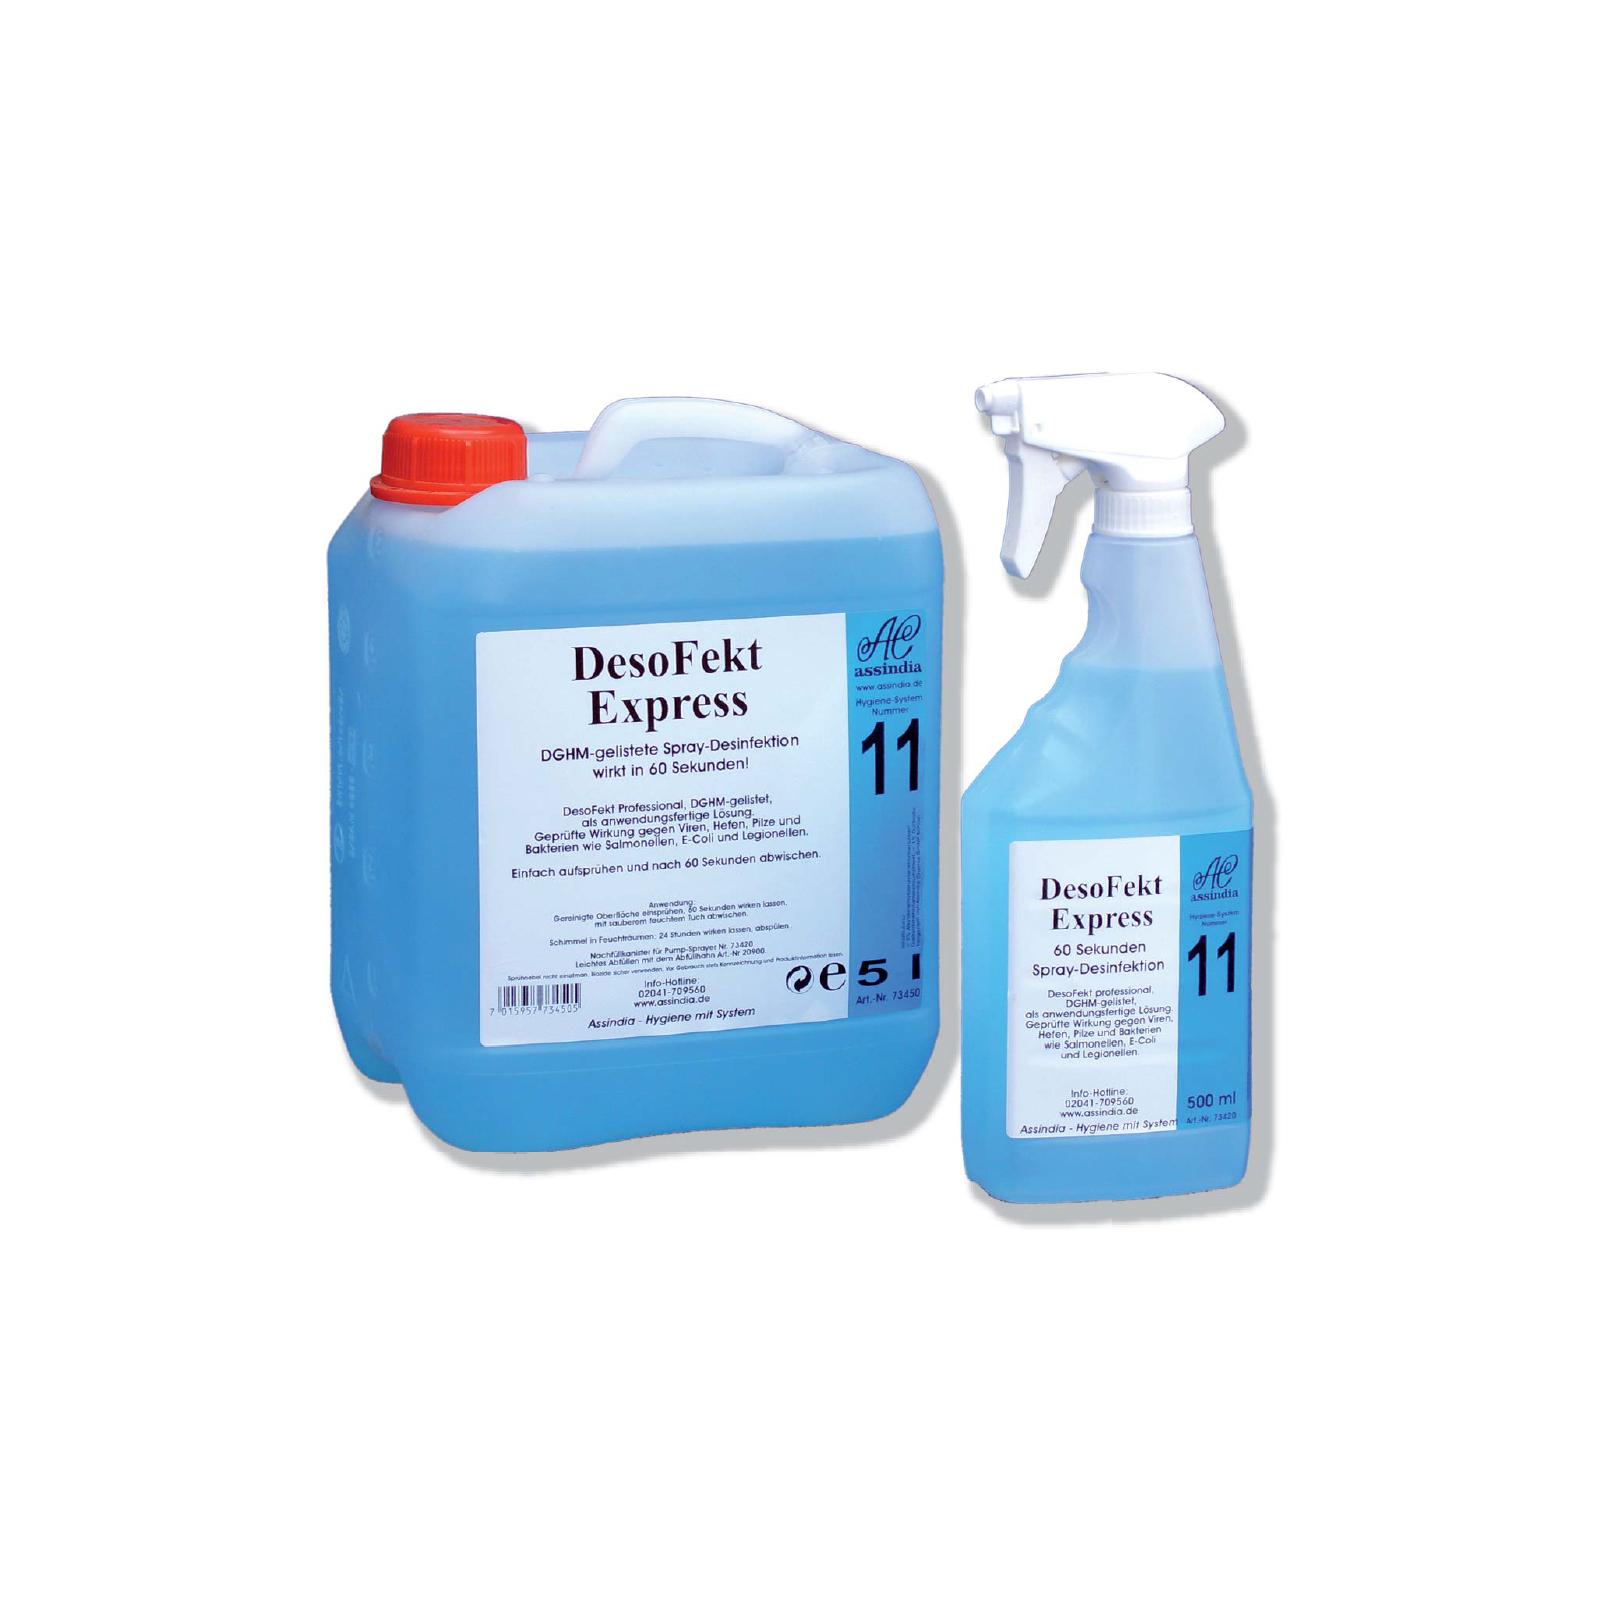 DesoFekt Express 0,5 L Flasche Flächendesinfektion